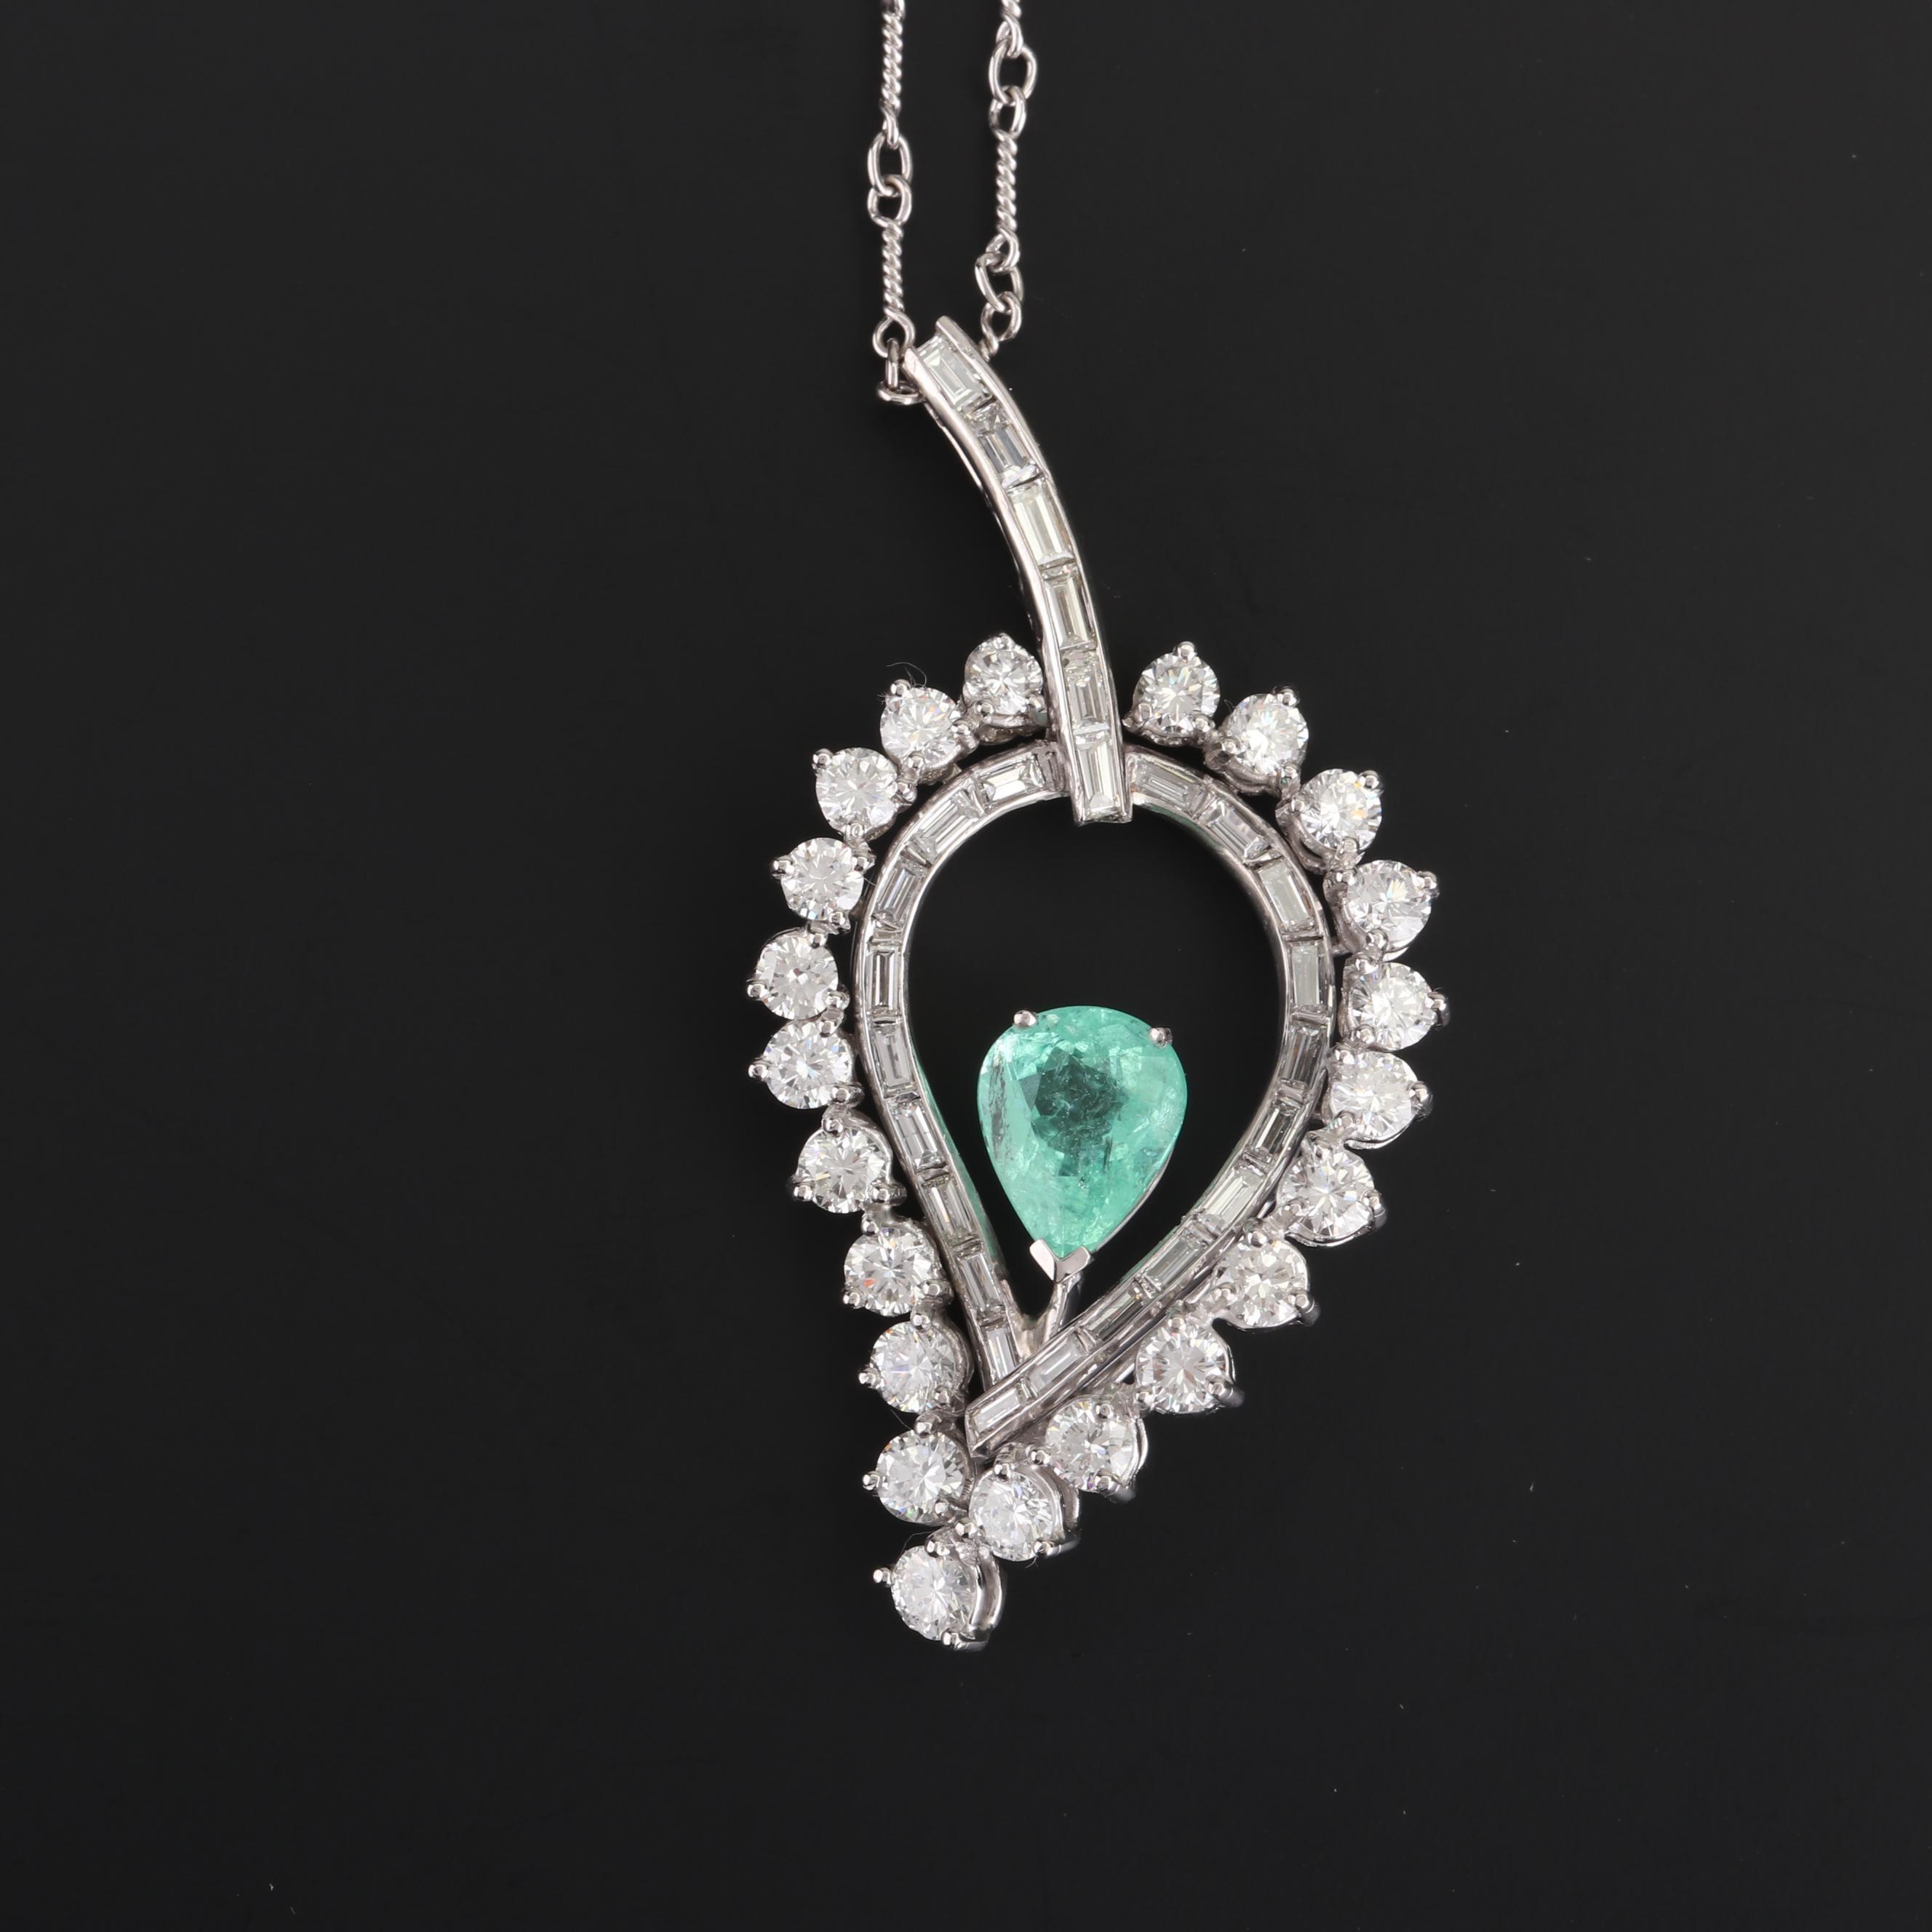 Platinum 2.42 CT Paraiba-Type Tourmaline and 4.10 CTW Diamond Necklace with GIA